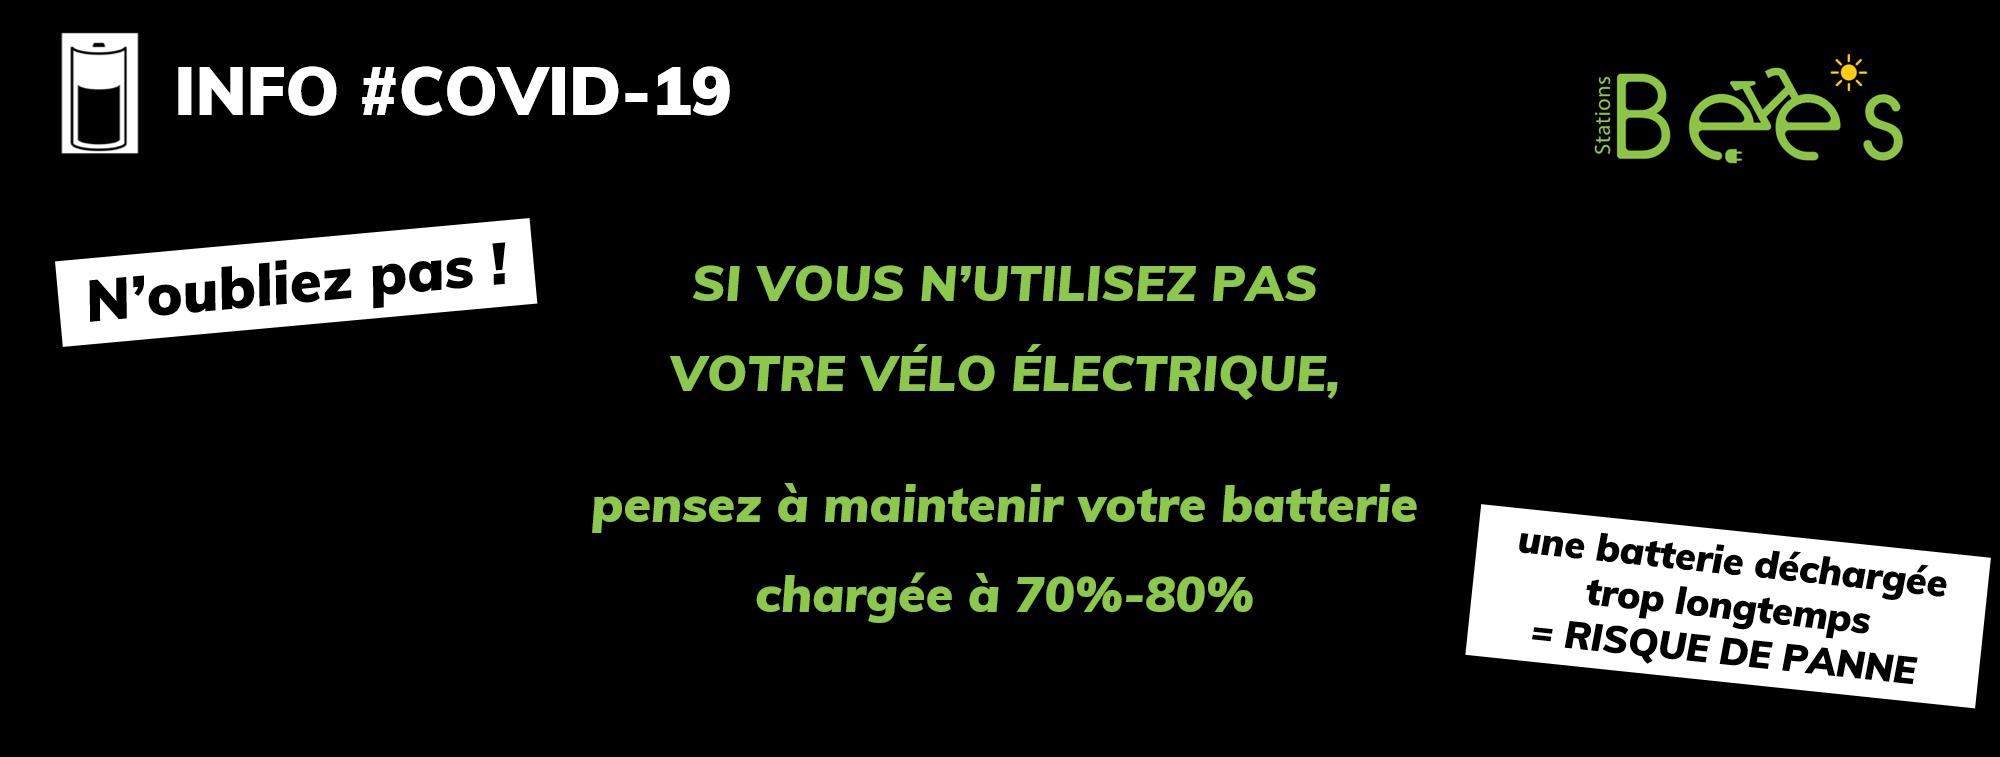 Maintenez votre batterie branchée